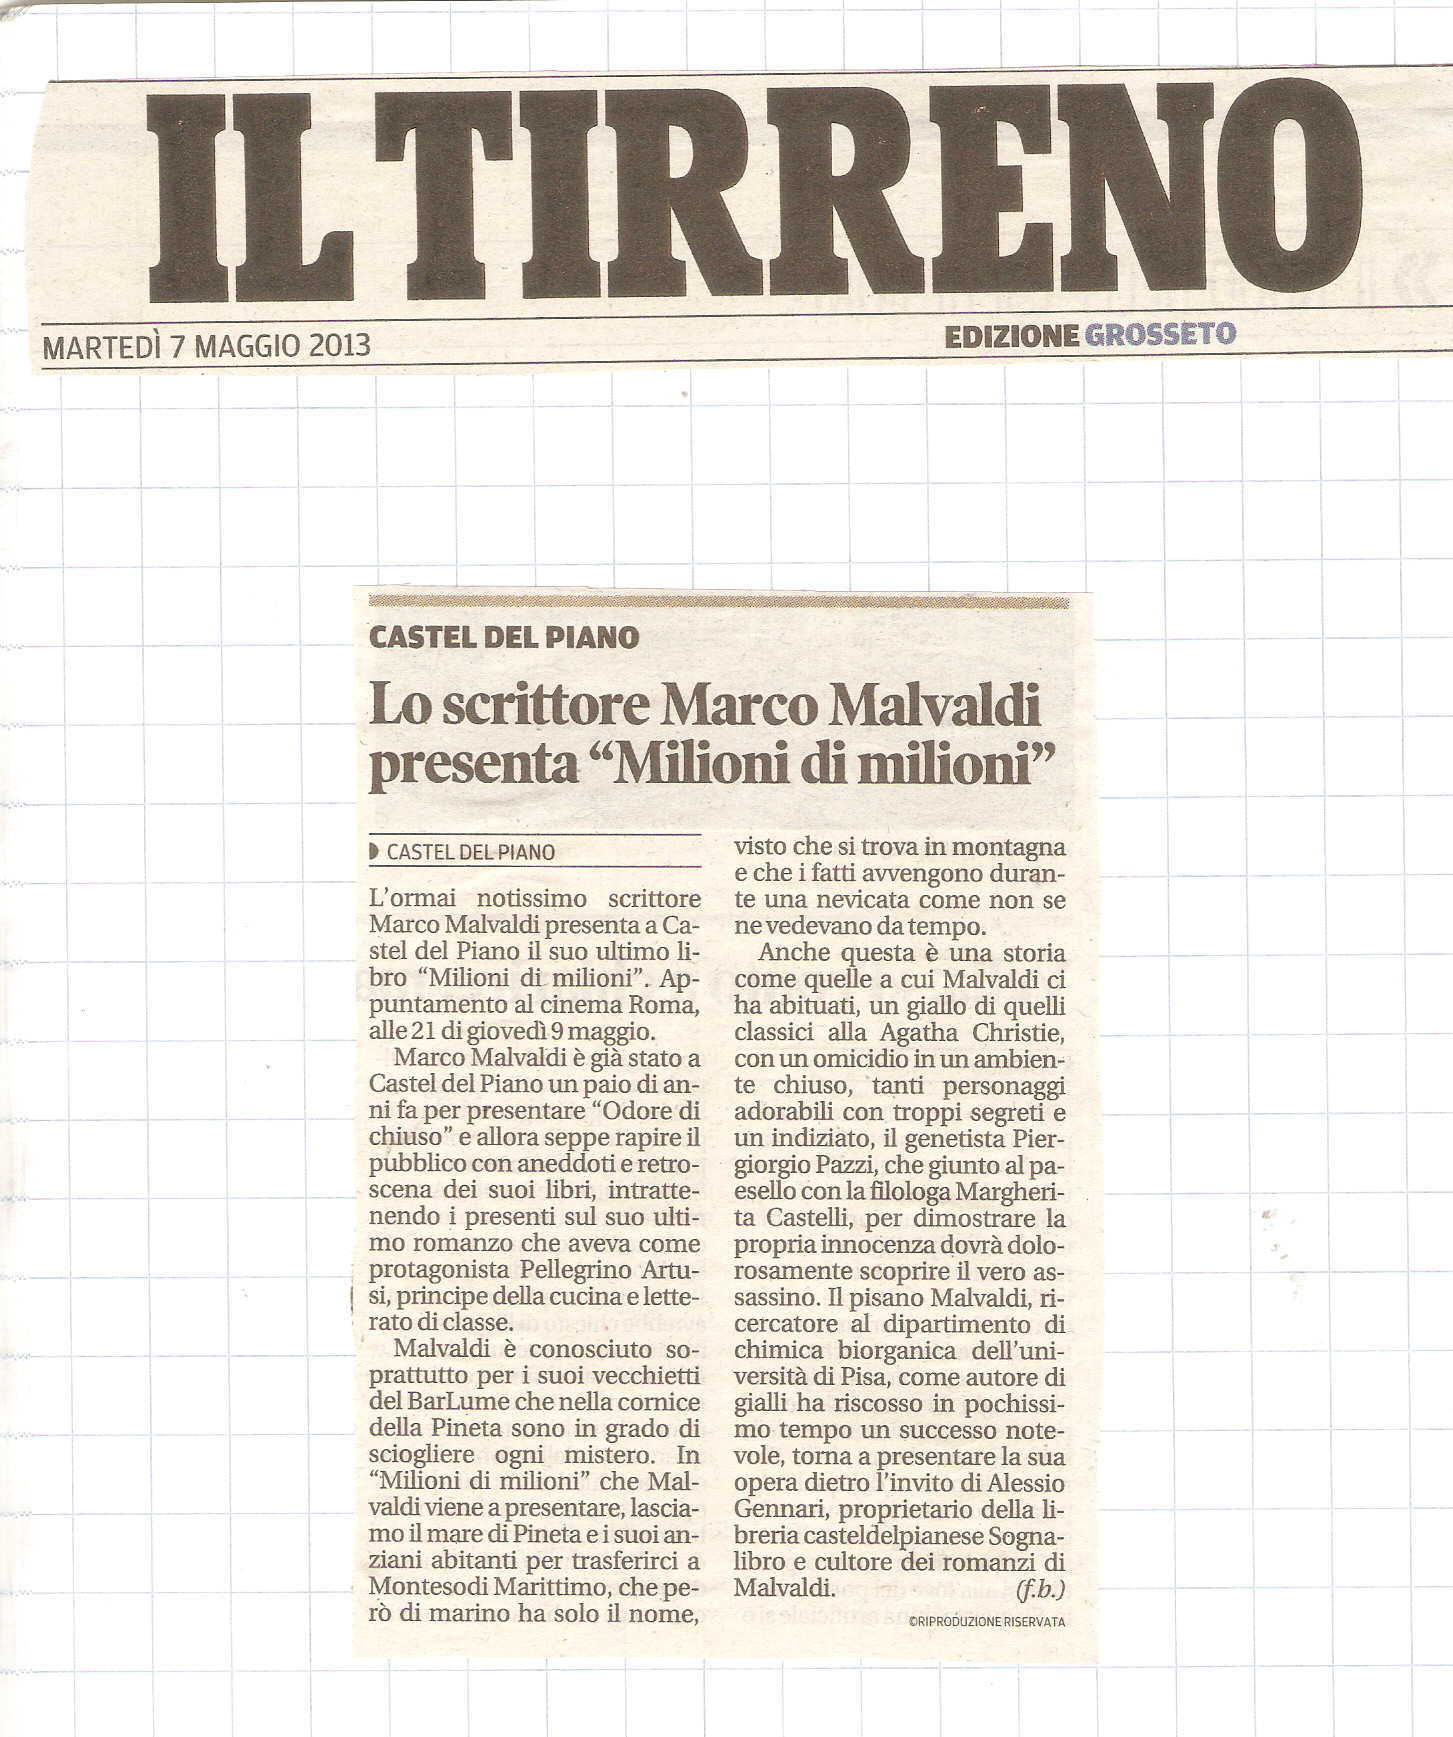 28-malvaldi-milioni-di-milioni-1-it-7-maggio-2013